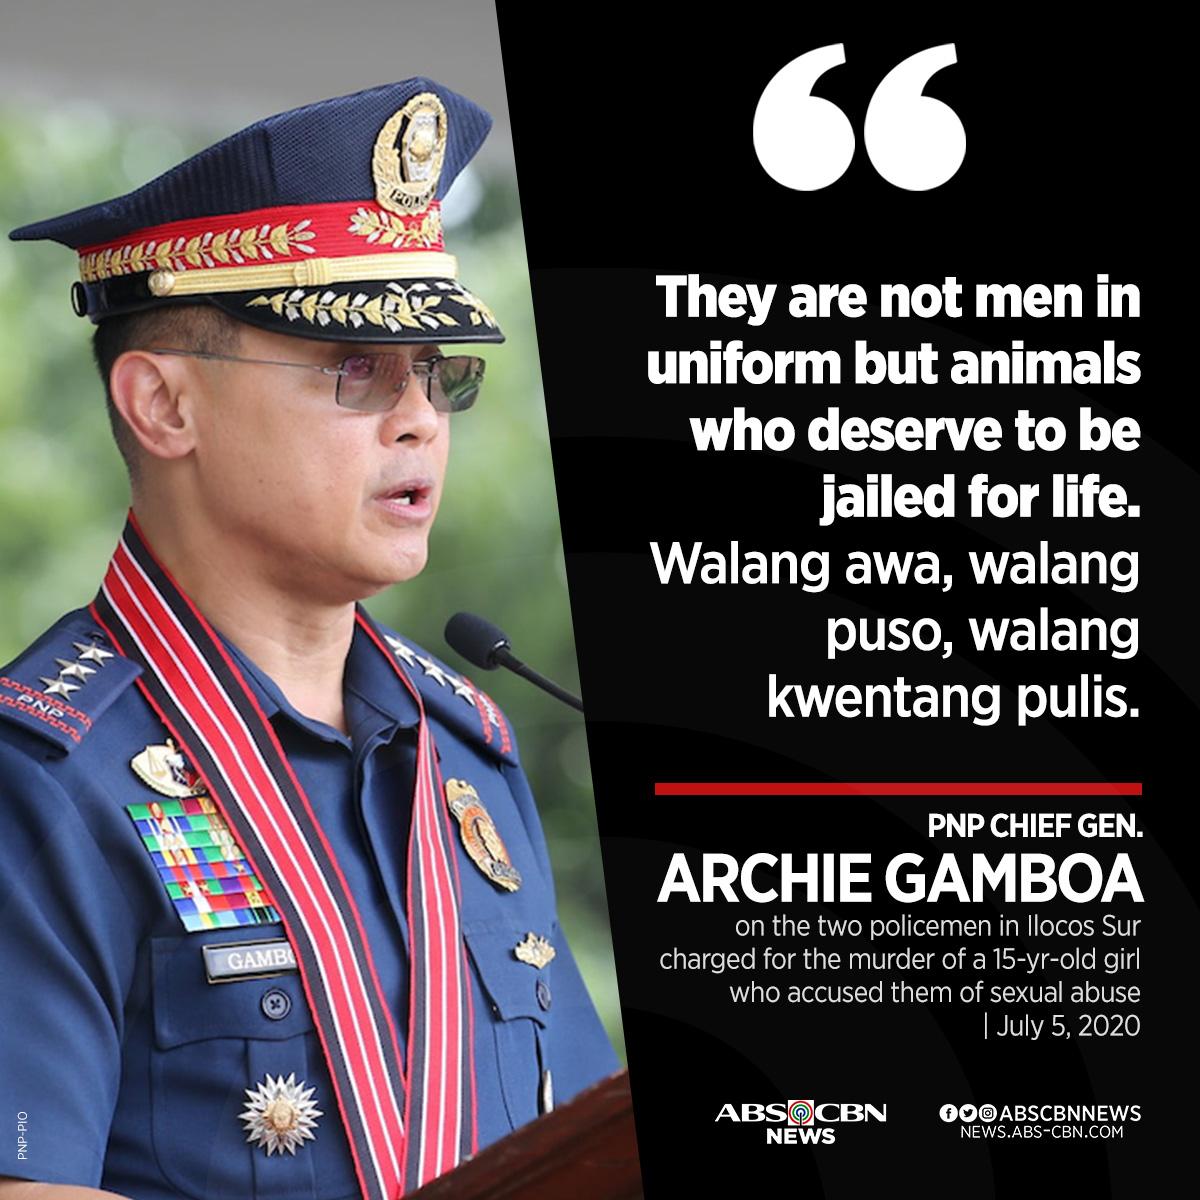 Tahasang kinondena ni PNP chief Archie Gamboa ang dalawang pulis sa Ilocos Sur na suspek sa panggagahasa at karumal-dumal na pagkamatay ng isang 15-anyos na dalagita.  Sinampahan na rin ng kasong murder ng PNP ang dalawang suspek na pulis. https://t.co/f5dehN4wPQ https://t.co/bDdbLATAKW